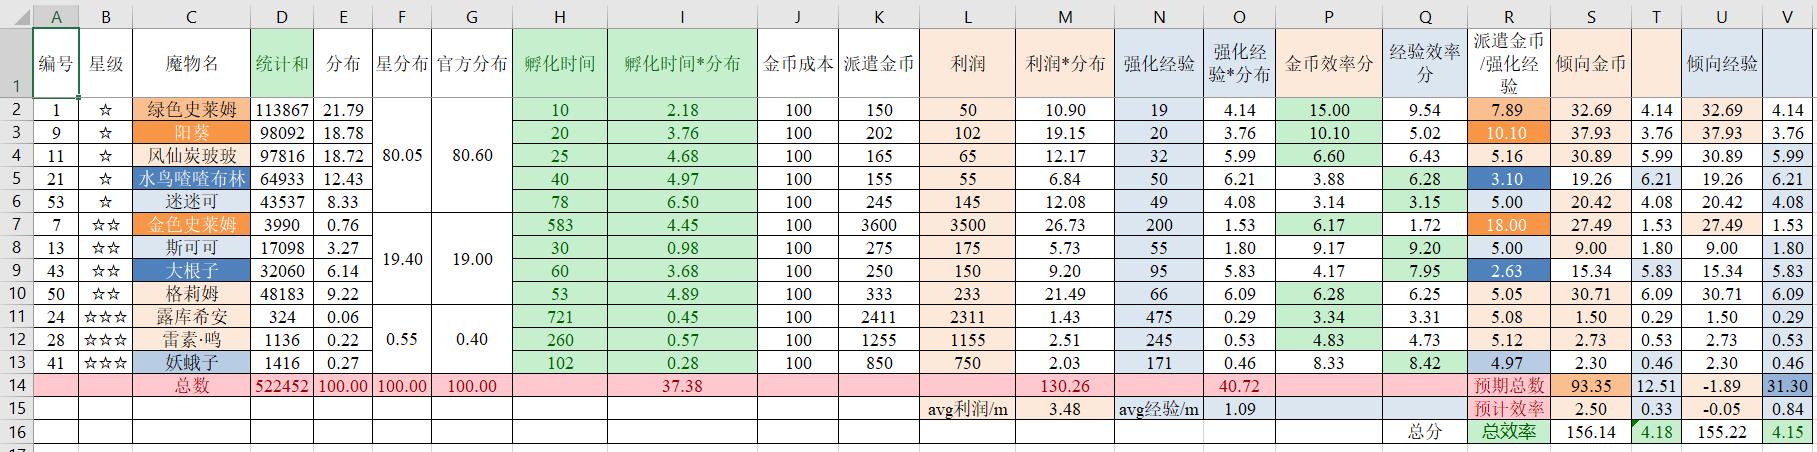 A1地区收益表便携版.png